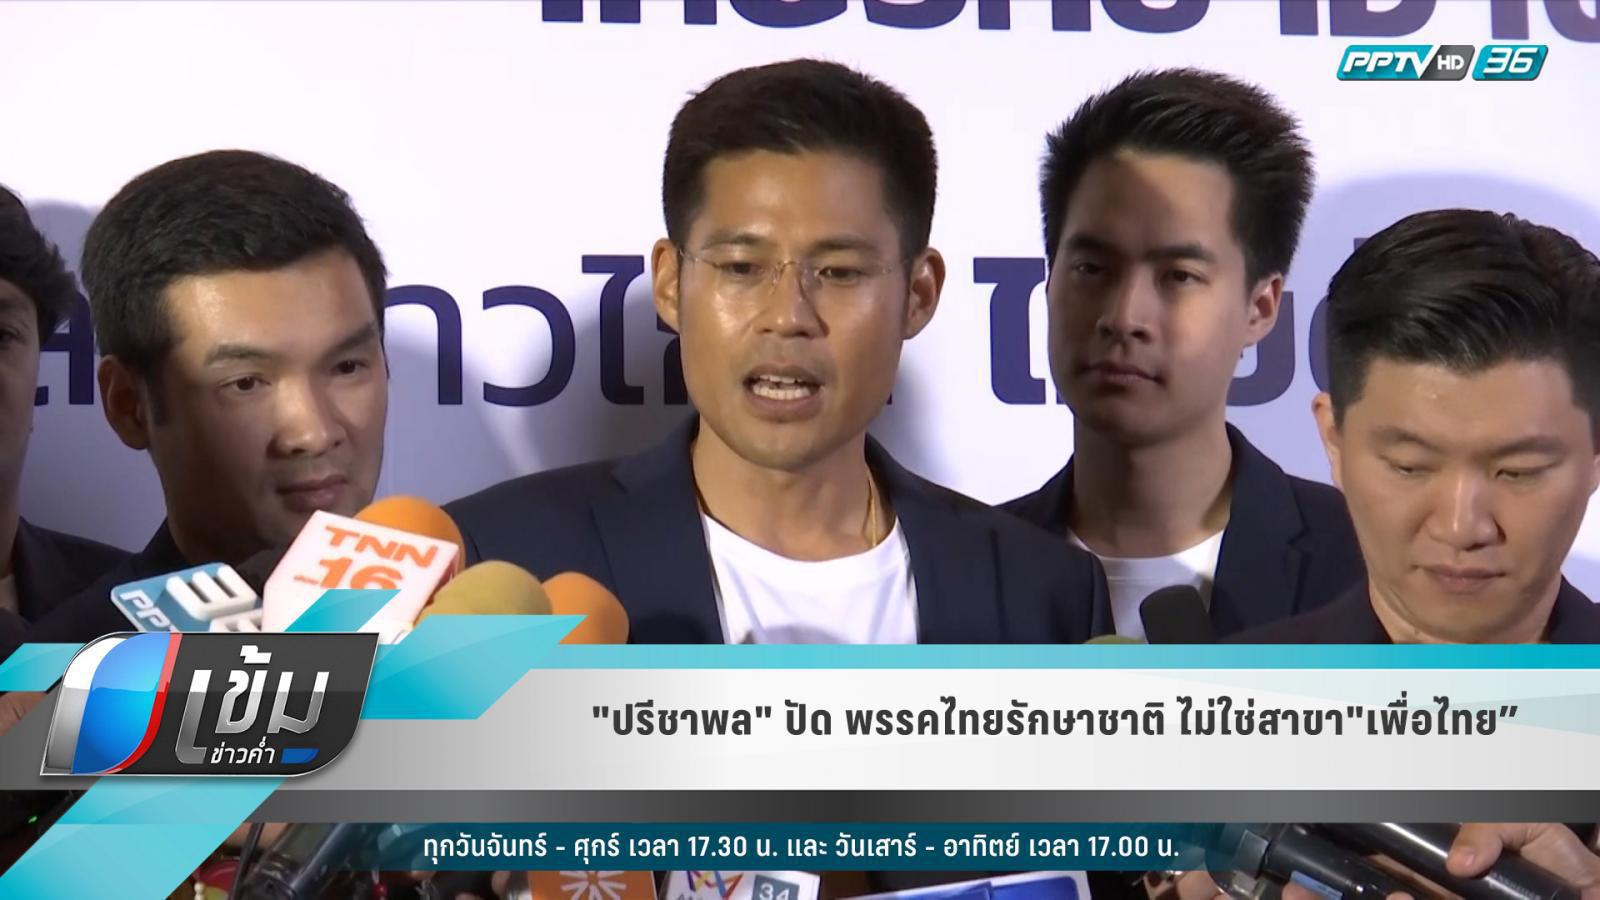 """""""ปรีชาพล"""" ปัด พรรคไทยรักษาชาติ ไม่ใช่สาขา""""เพื่อไทย"""